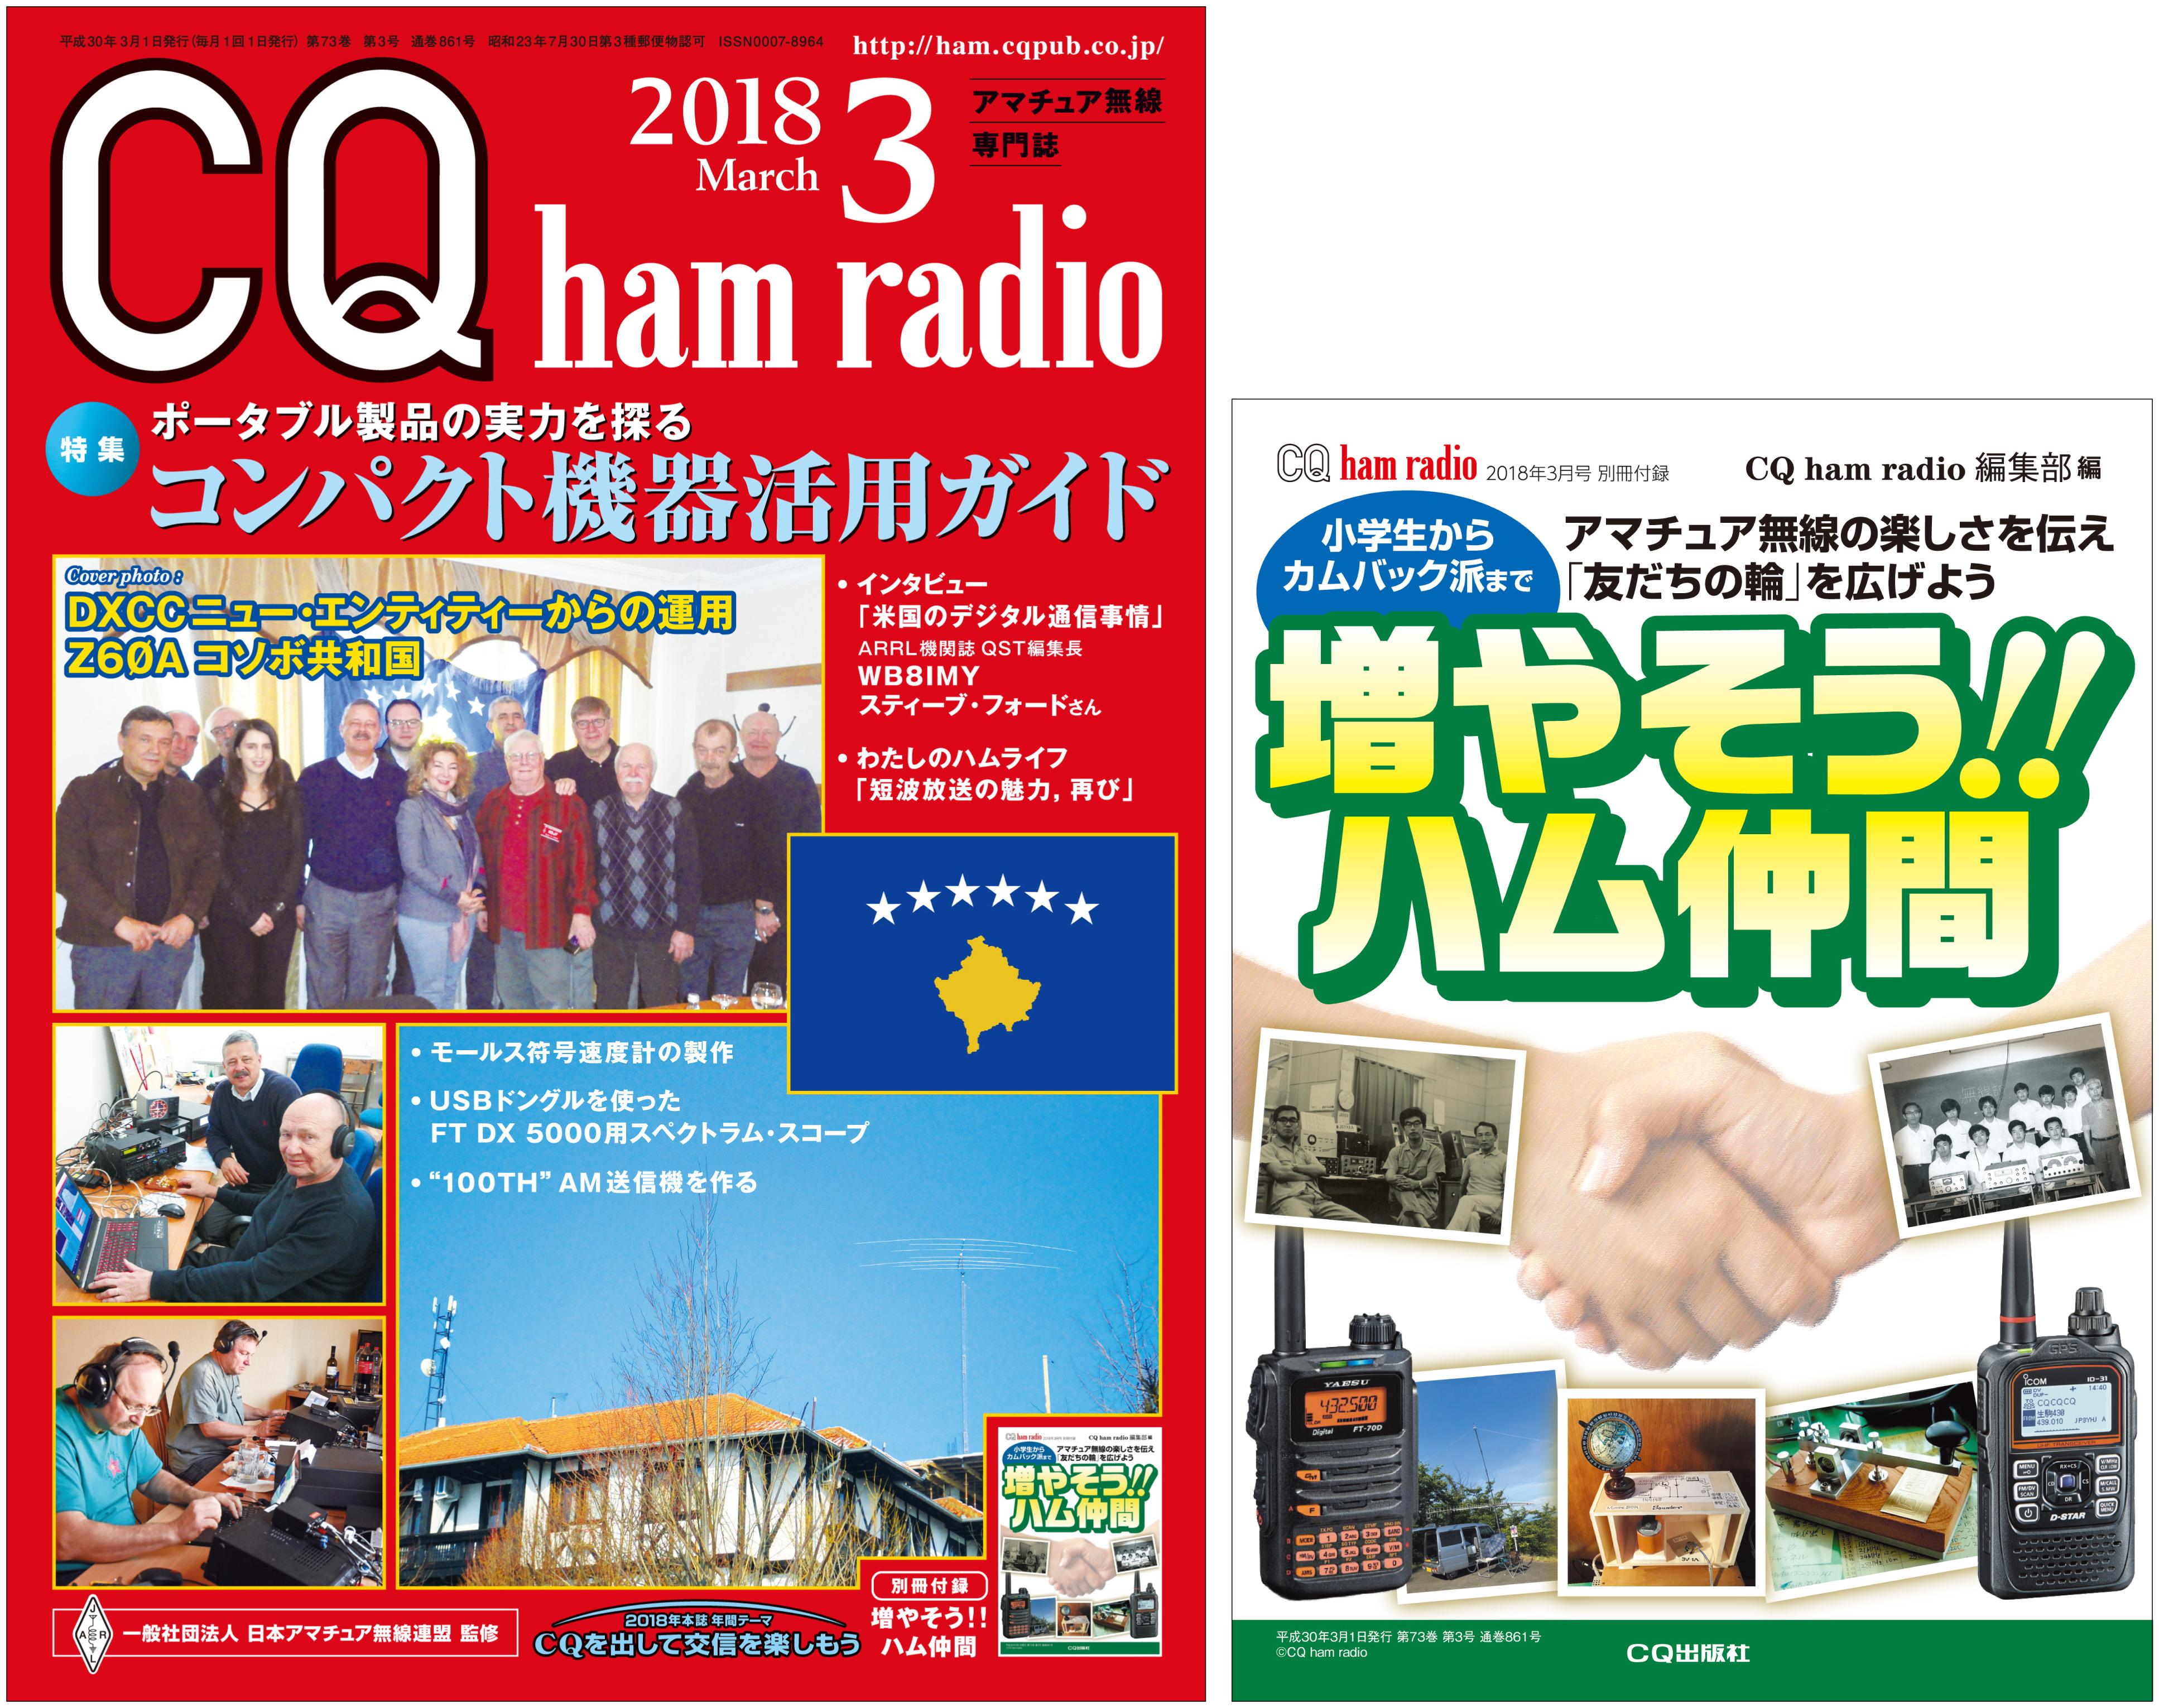 CQ ham radio 2018年3月号